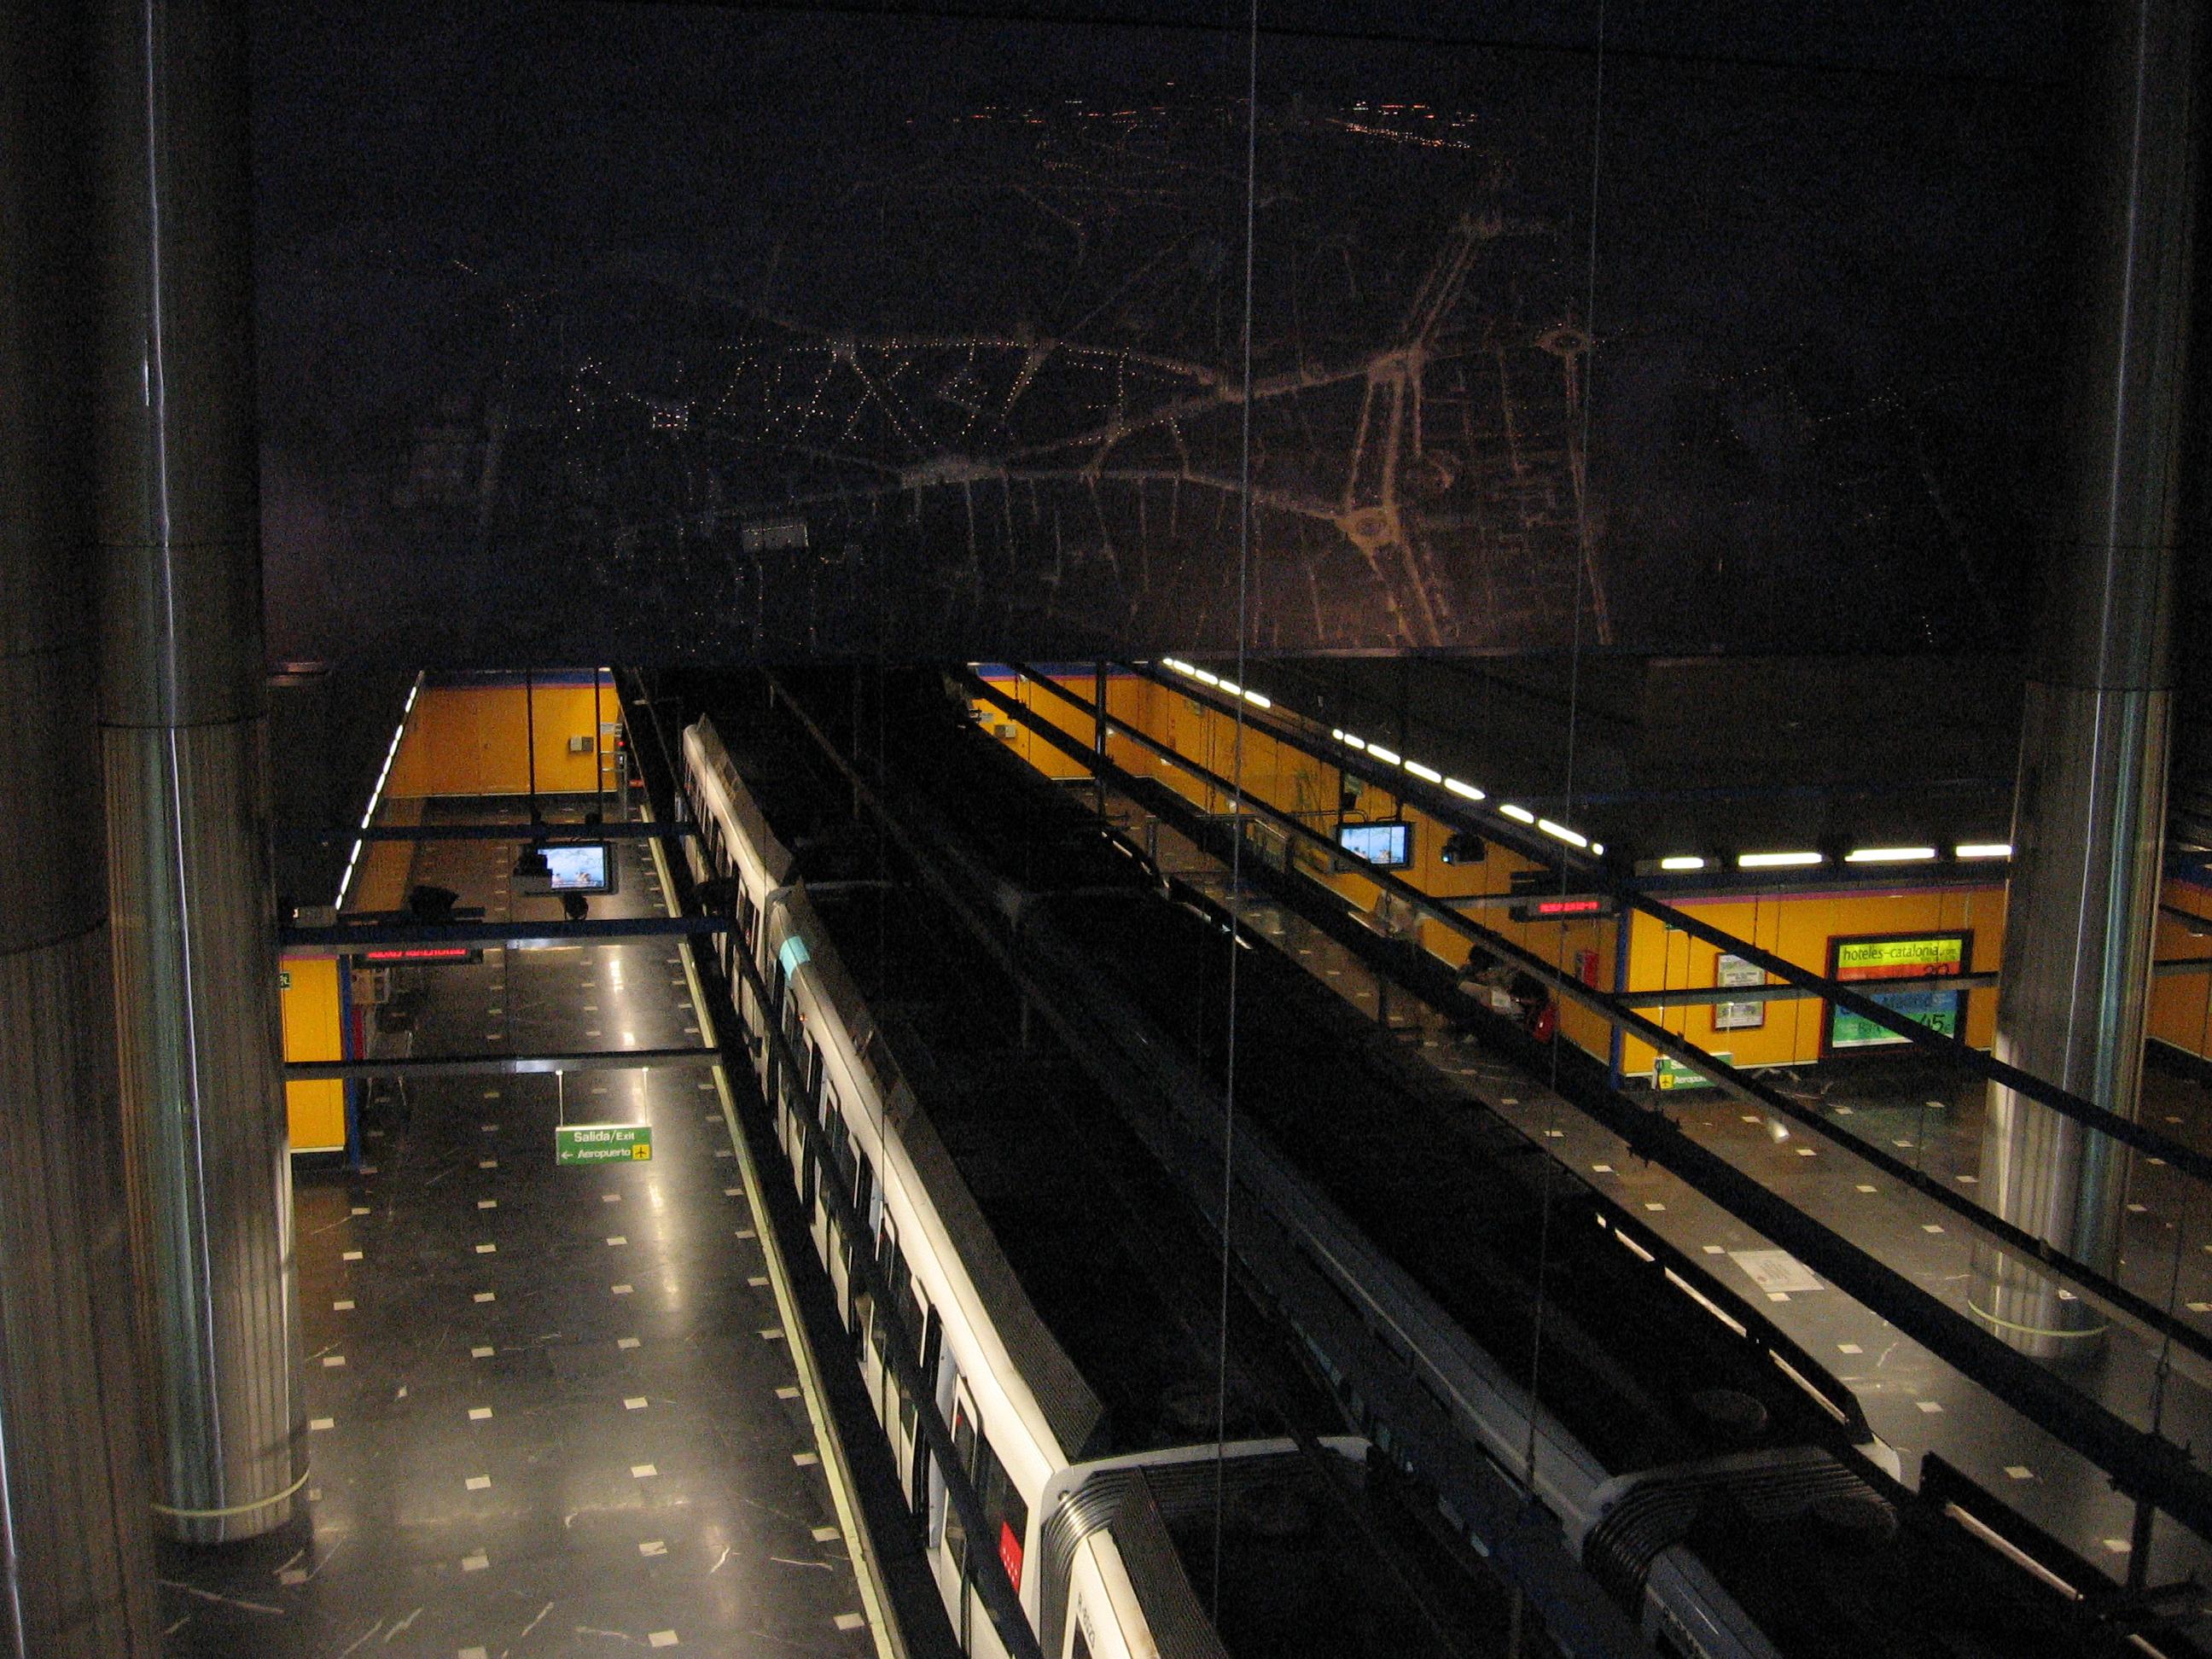 Aeropuerto T1 T2 T3 Madrid Metro Wikipedia